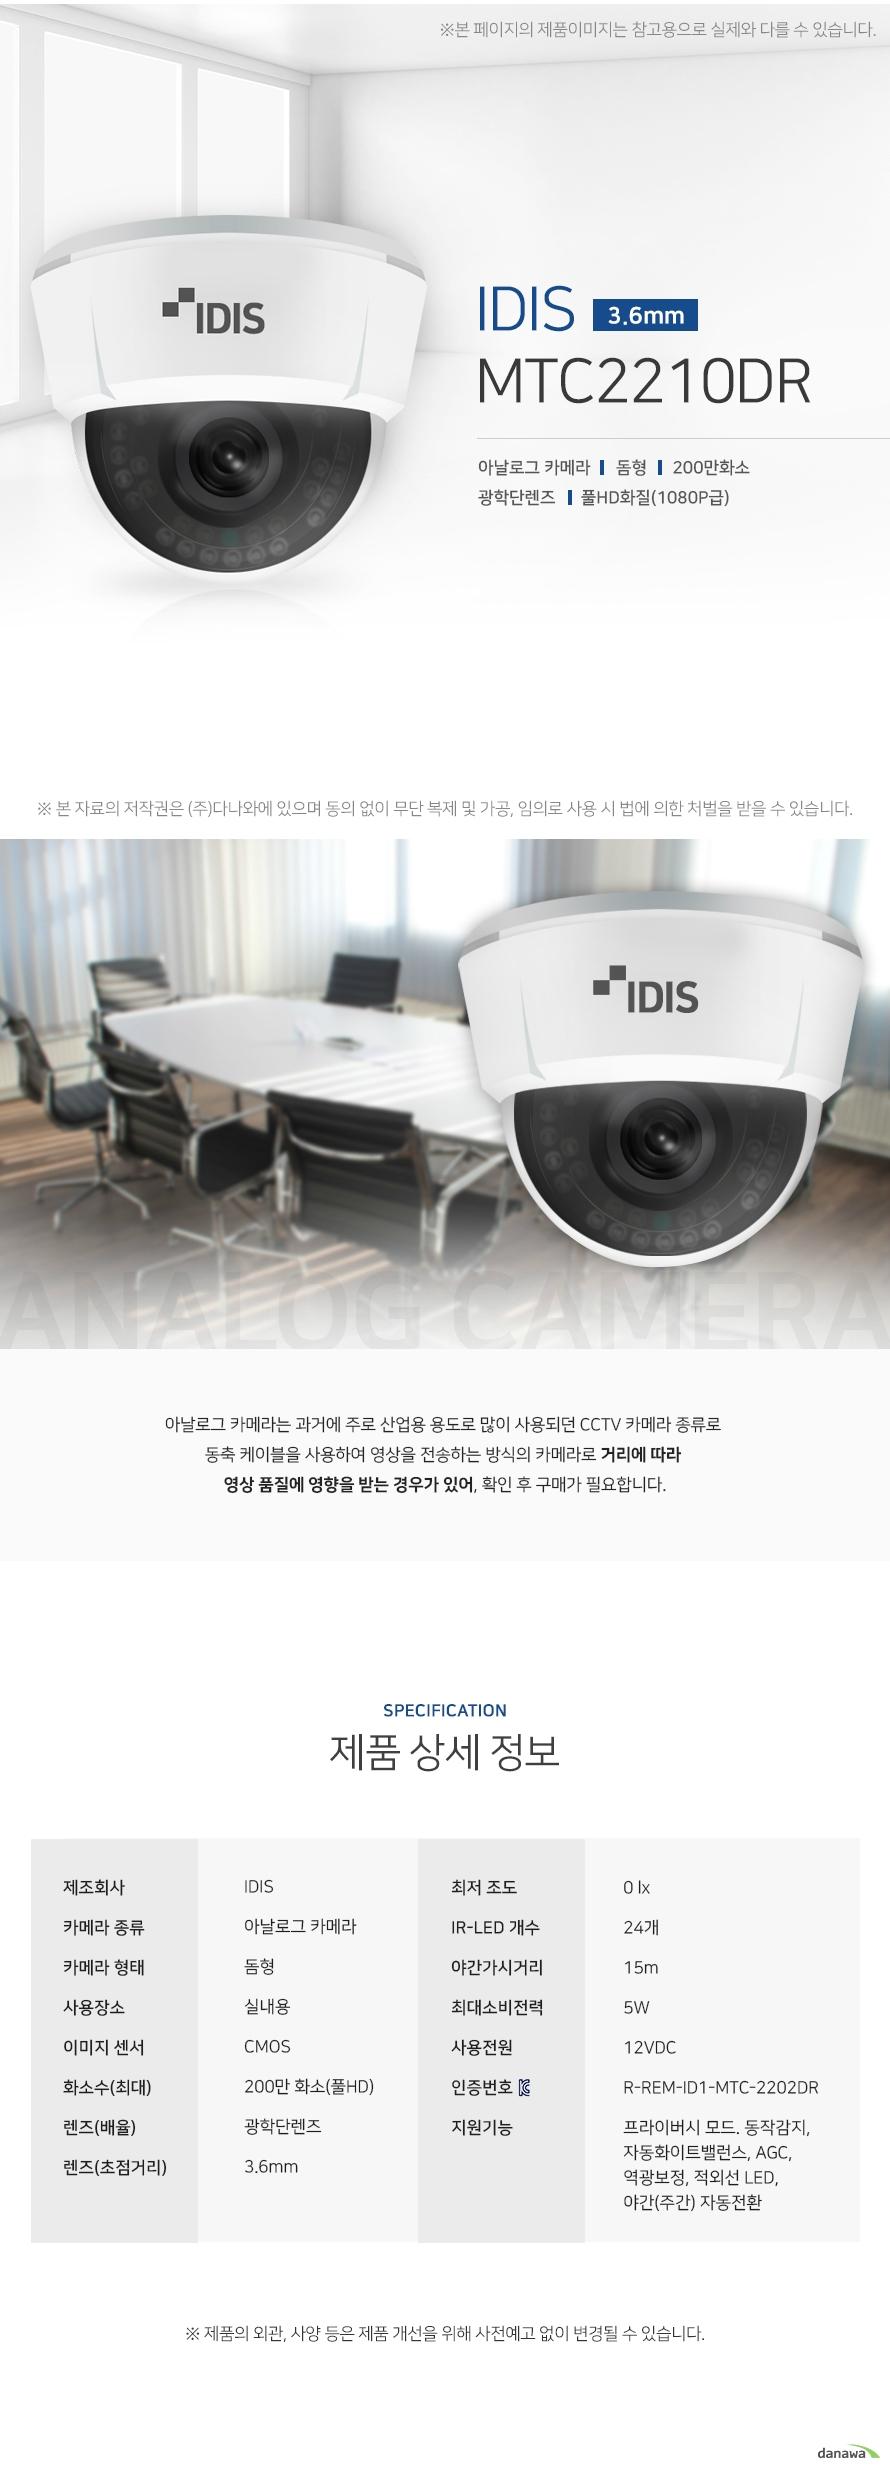 IDIS MTC2210DR 아날로그카메라 돔형 200만화소 광학단렌즈 풀hd화질  야간 주간 자동전환 아날로그 카메라는 과거에 주로 산업용 용도로 많이 사용되던 CCTV 카메라 종류로  동축 케이블을 사용하여 영상을 전송하는 방식의 카메라로 거리에 따라  영상 품질에 영향을 받는 경우가 있어, 확인 후 구매가 필요합니다. 제품상세정보